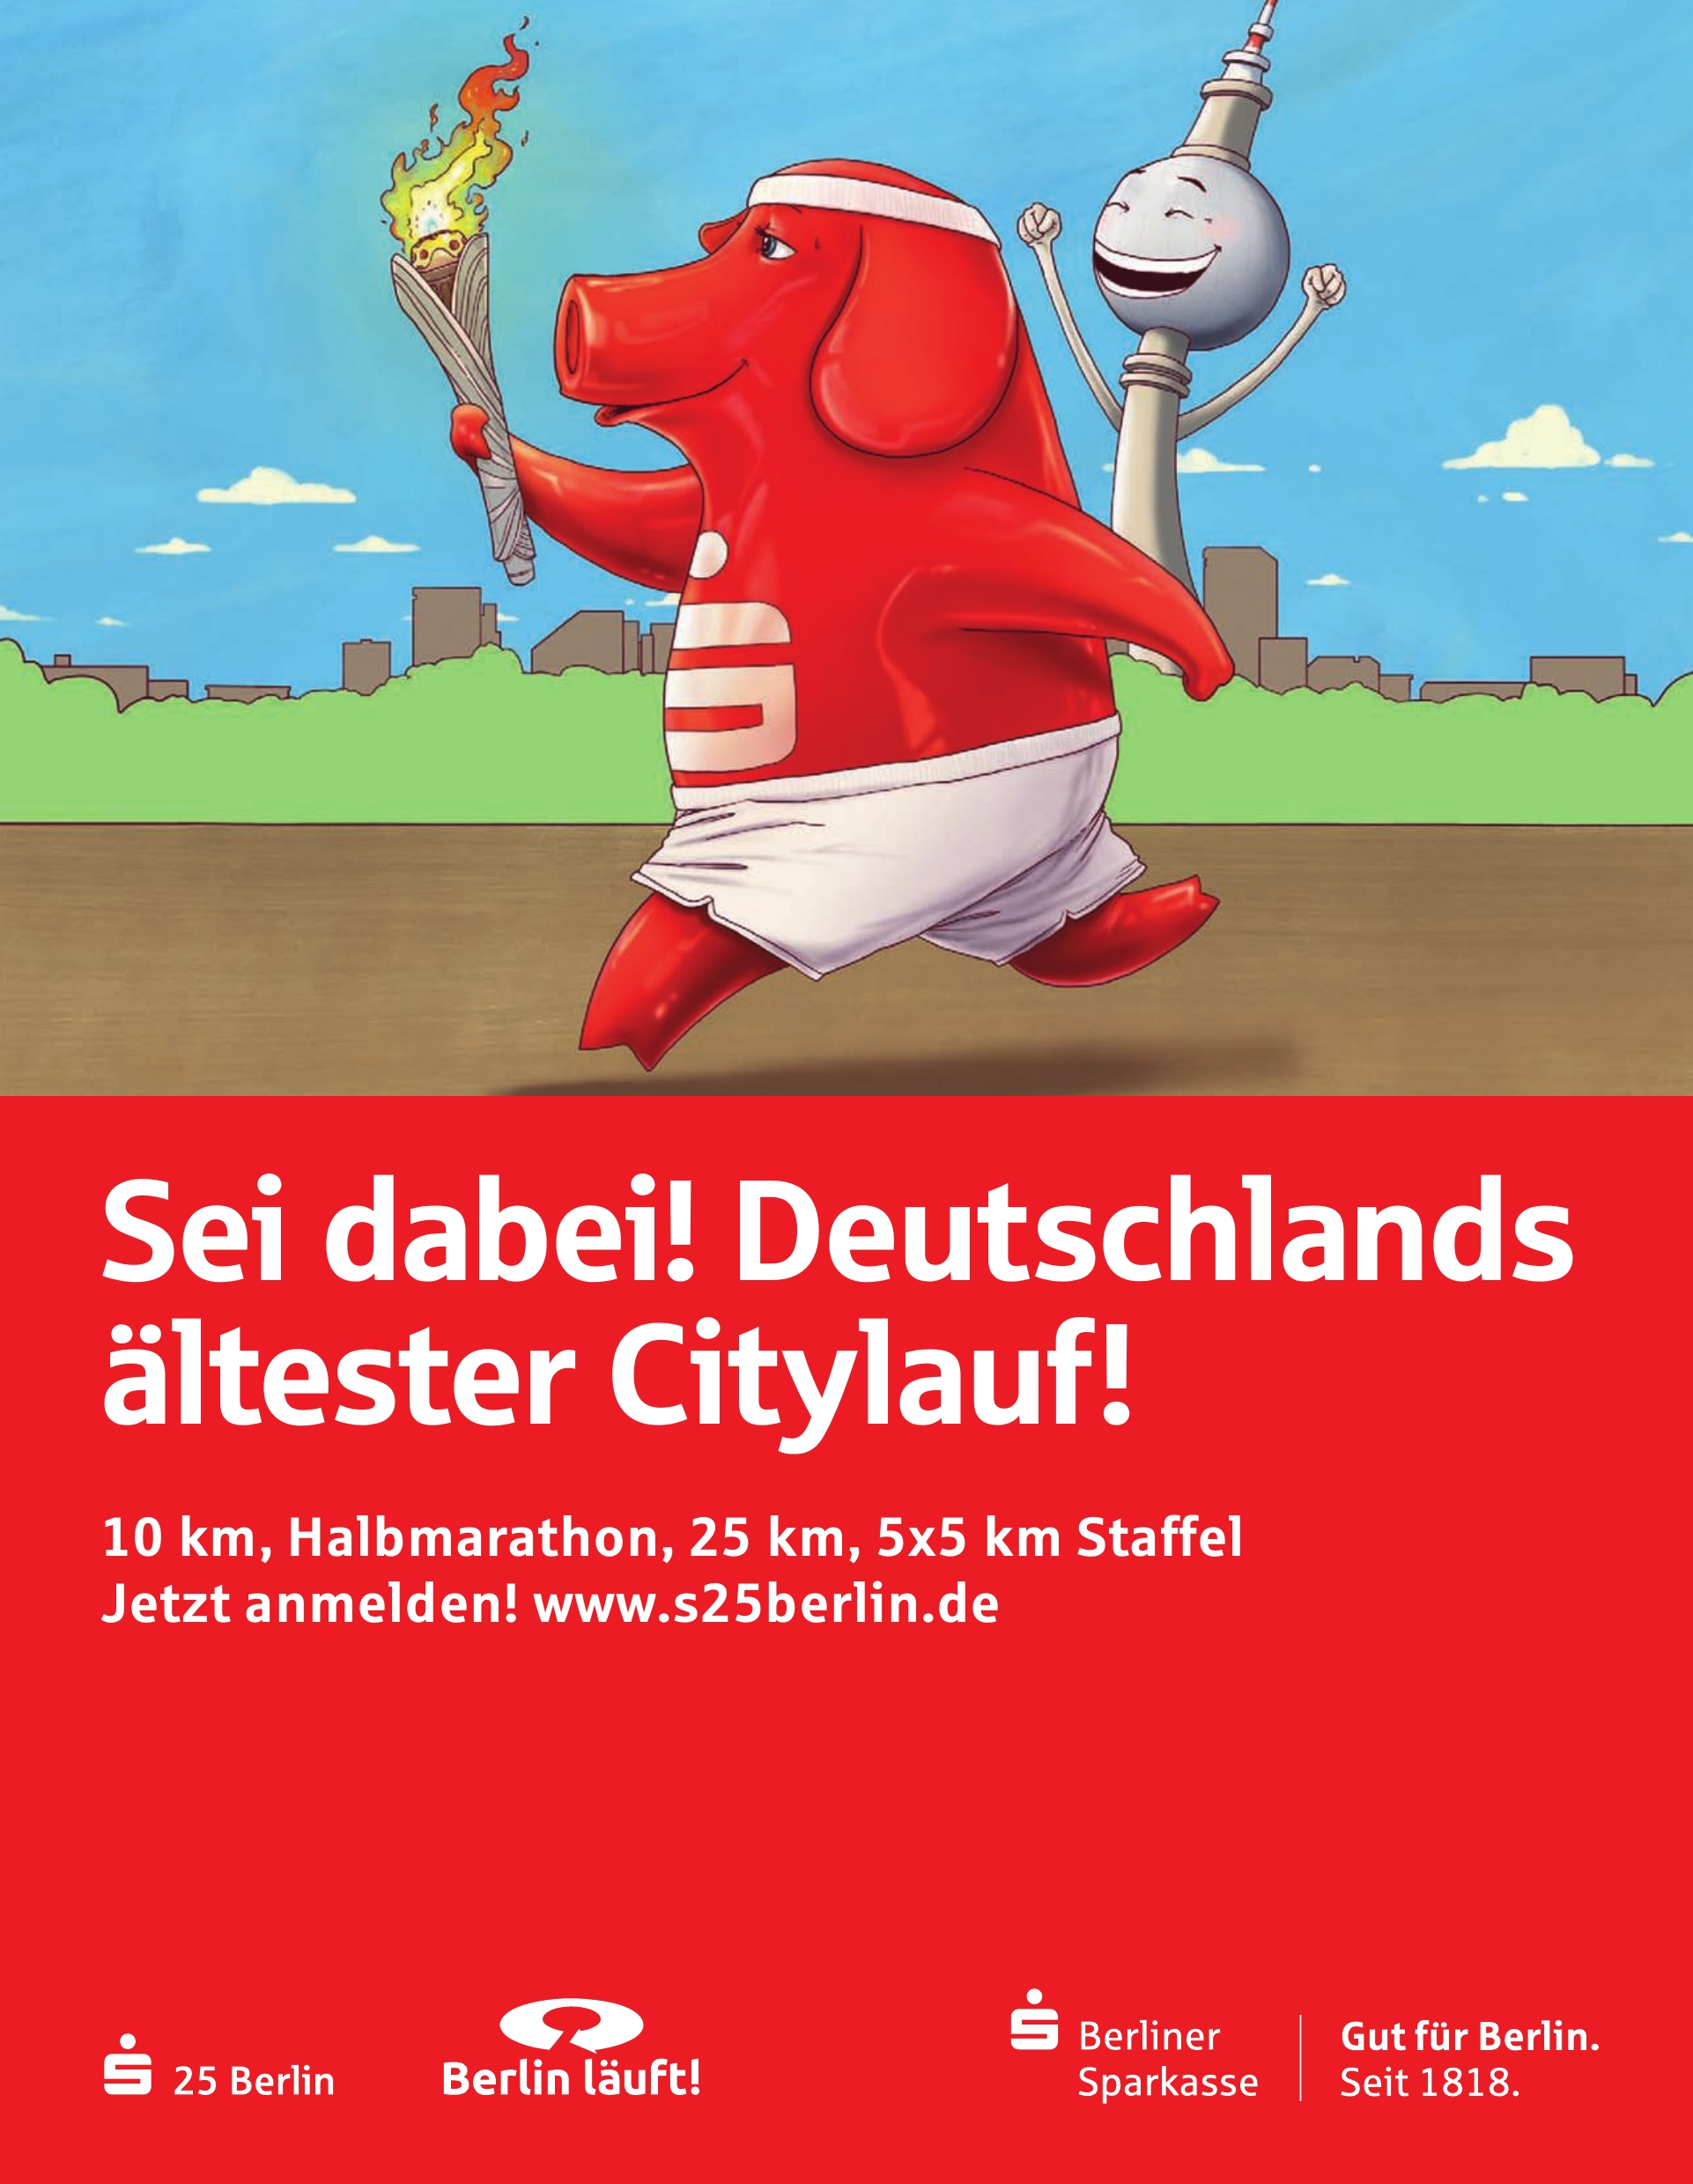 25 Berlin - Berlin läuft!